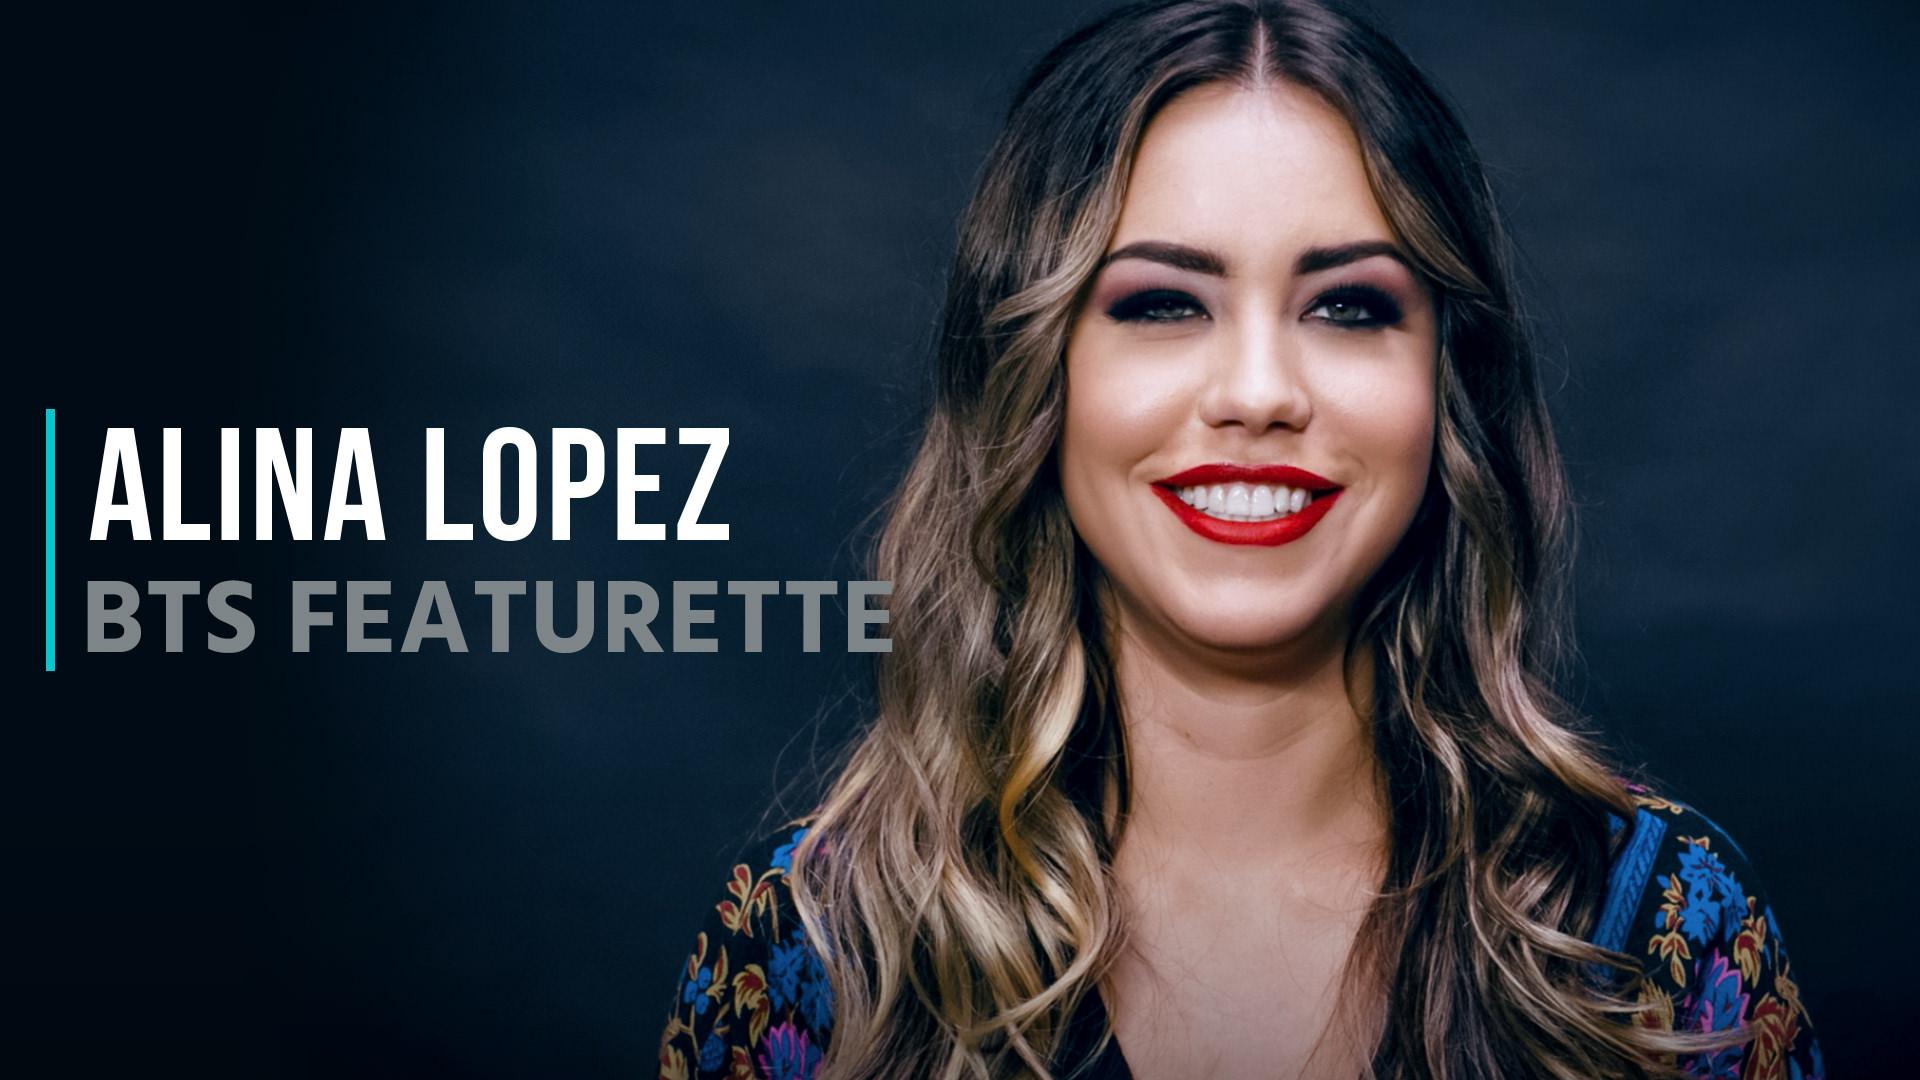 Alina Lopez: BTS Featurette - Alina Lopez 1